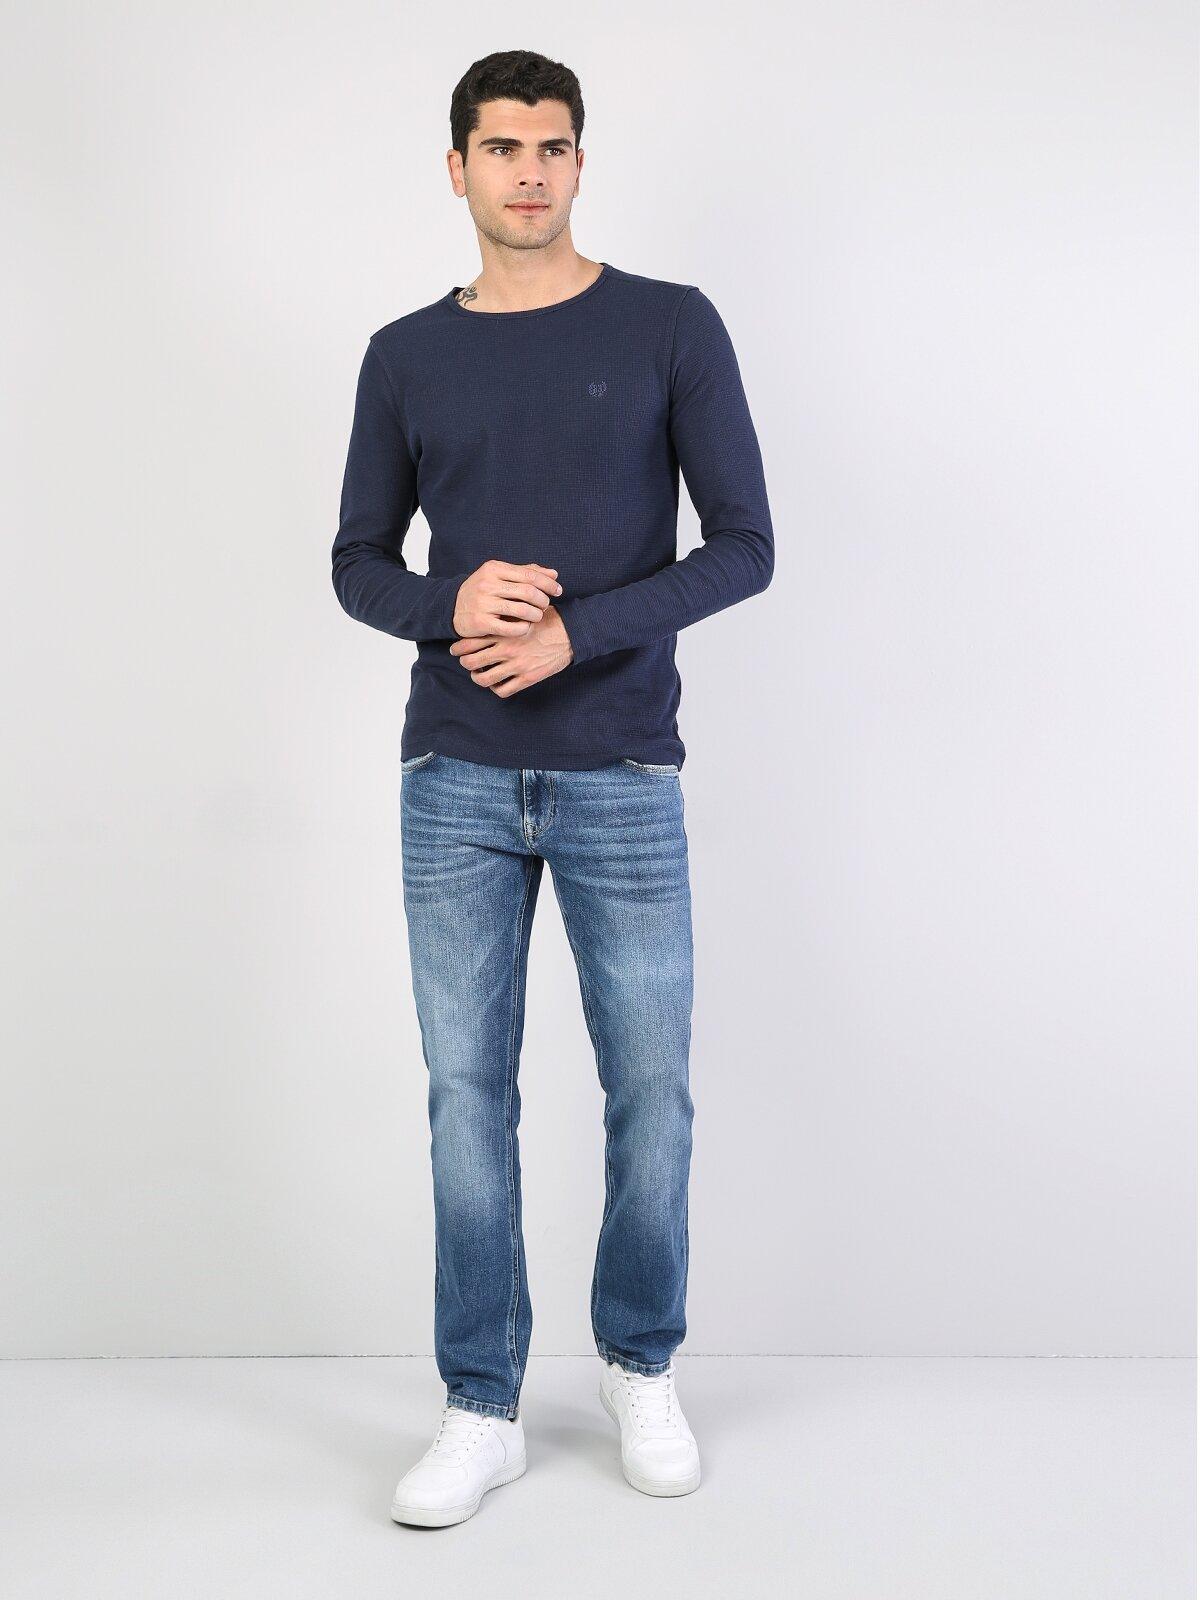 Lacivert Yuvarlak Yaka Uzun Kol Tişört